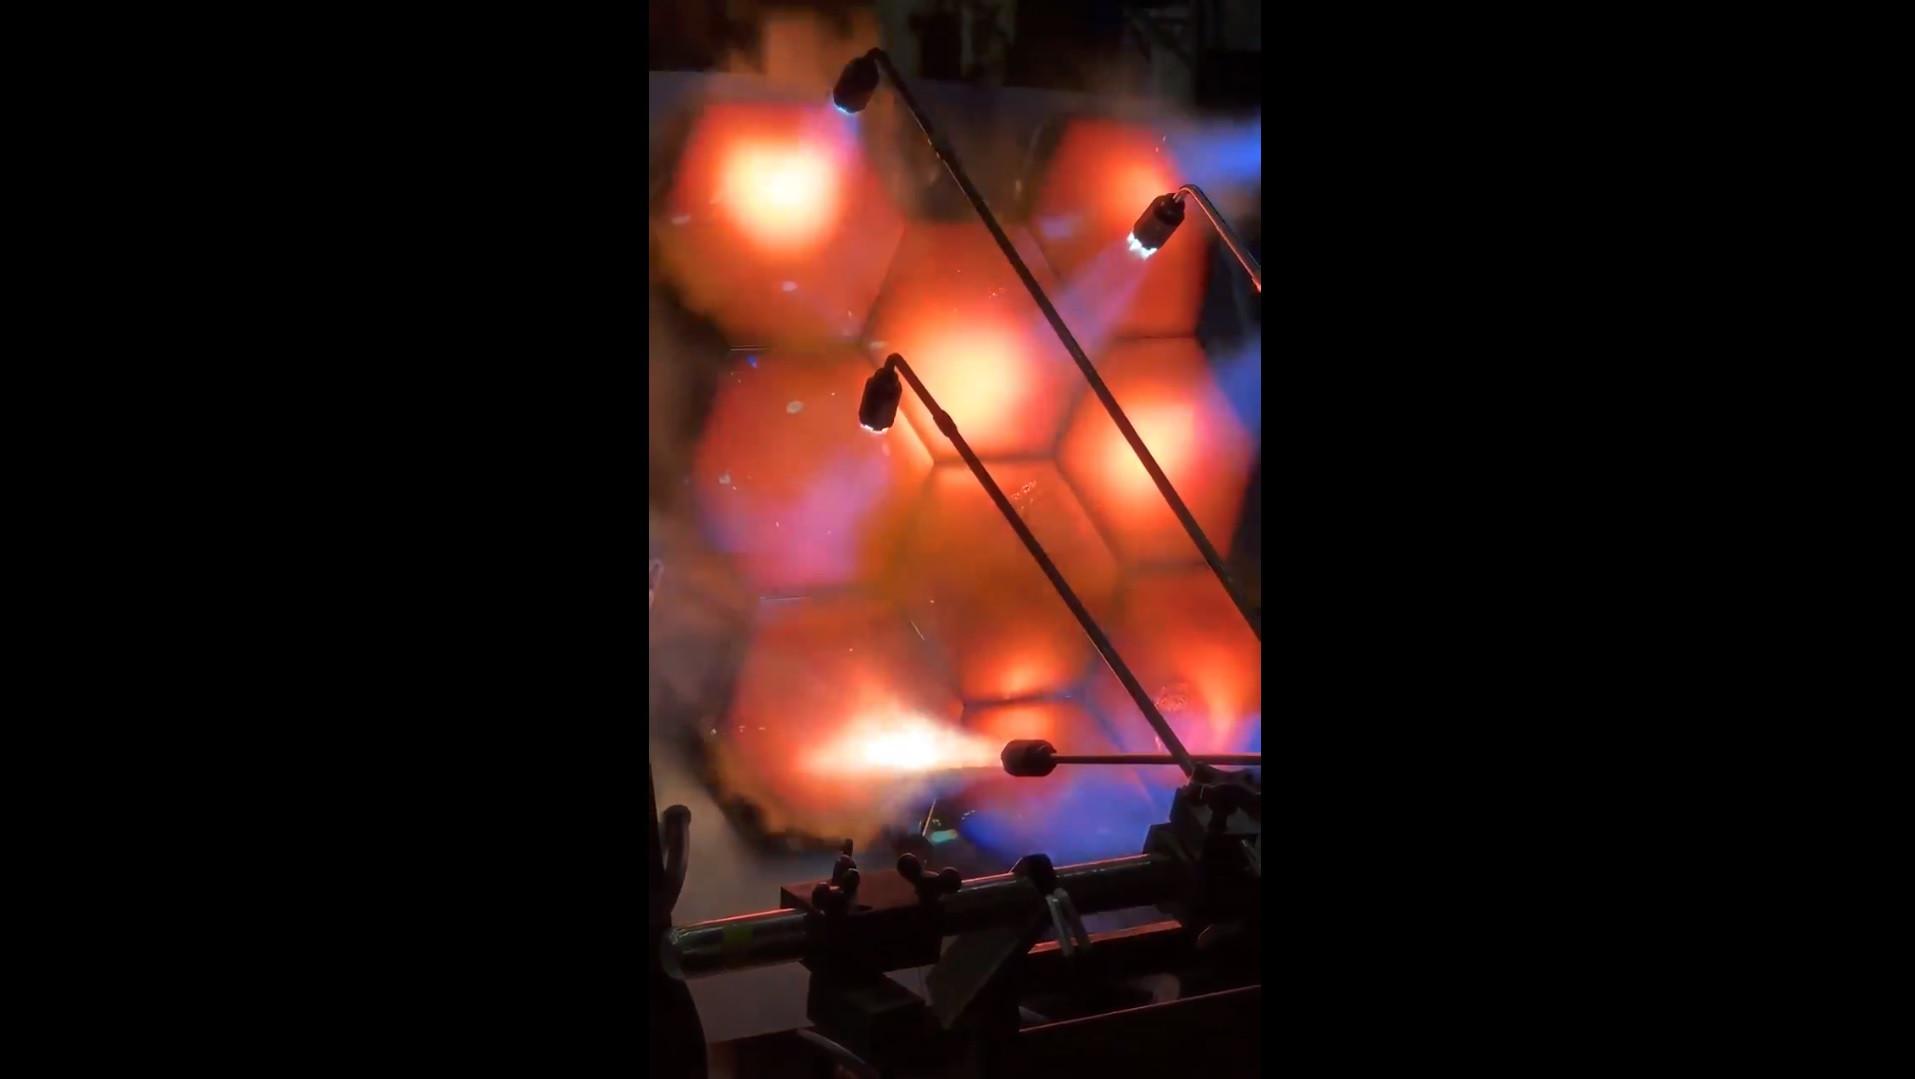 Vídeo de Elon Musk mostra teste extremo a nave da SpaceX